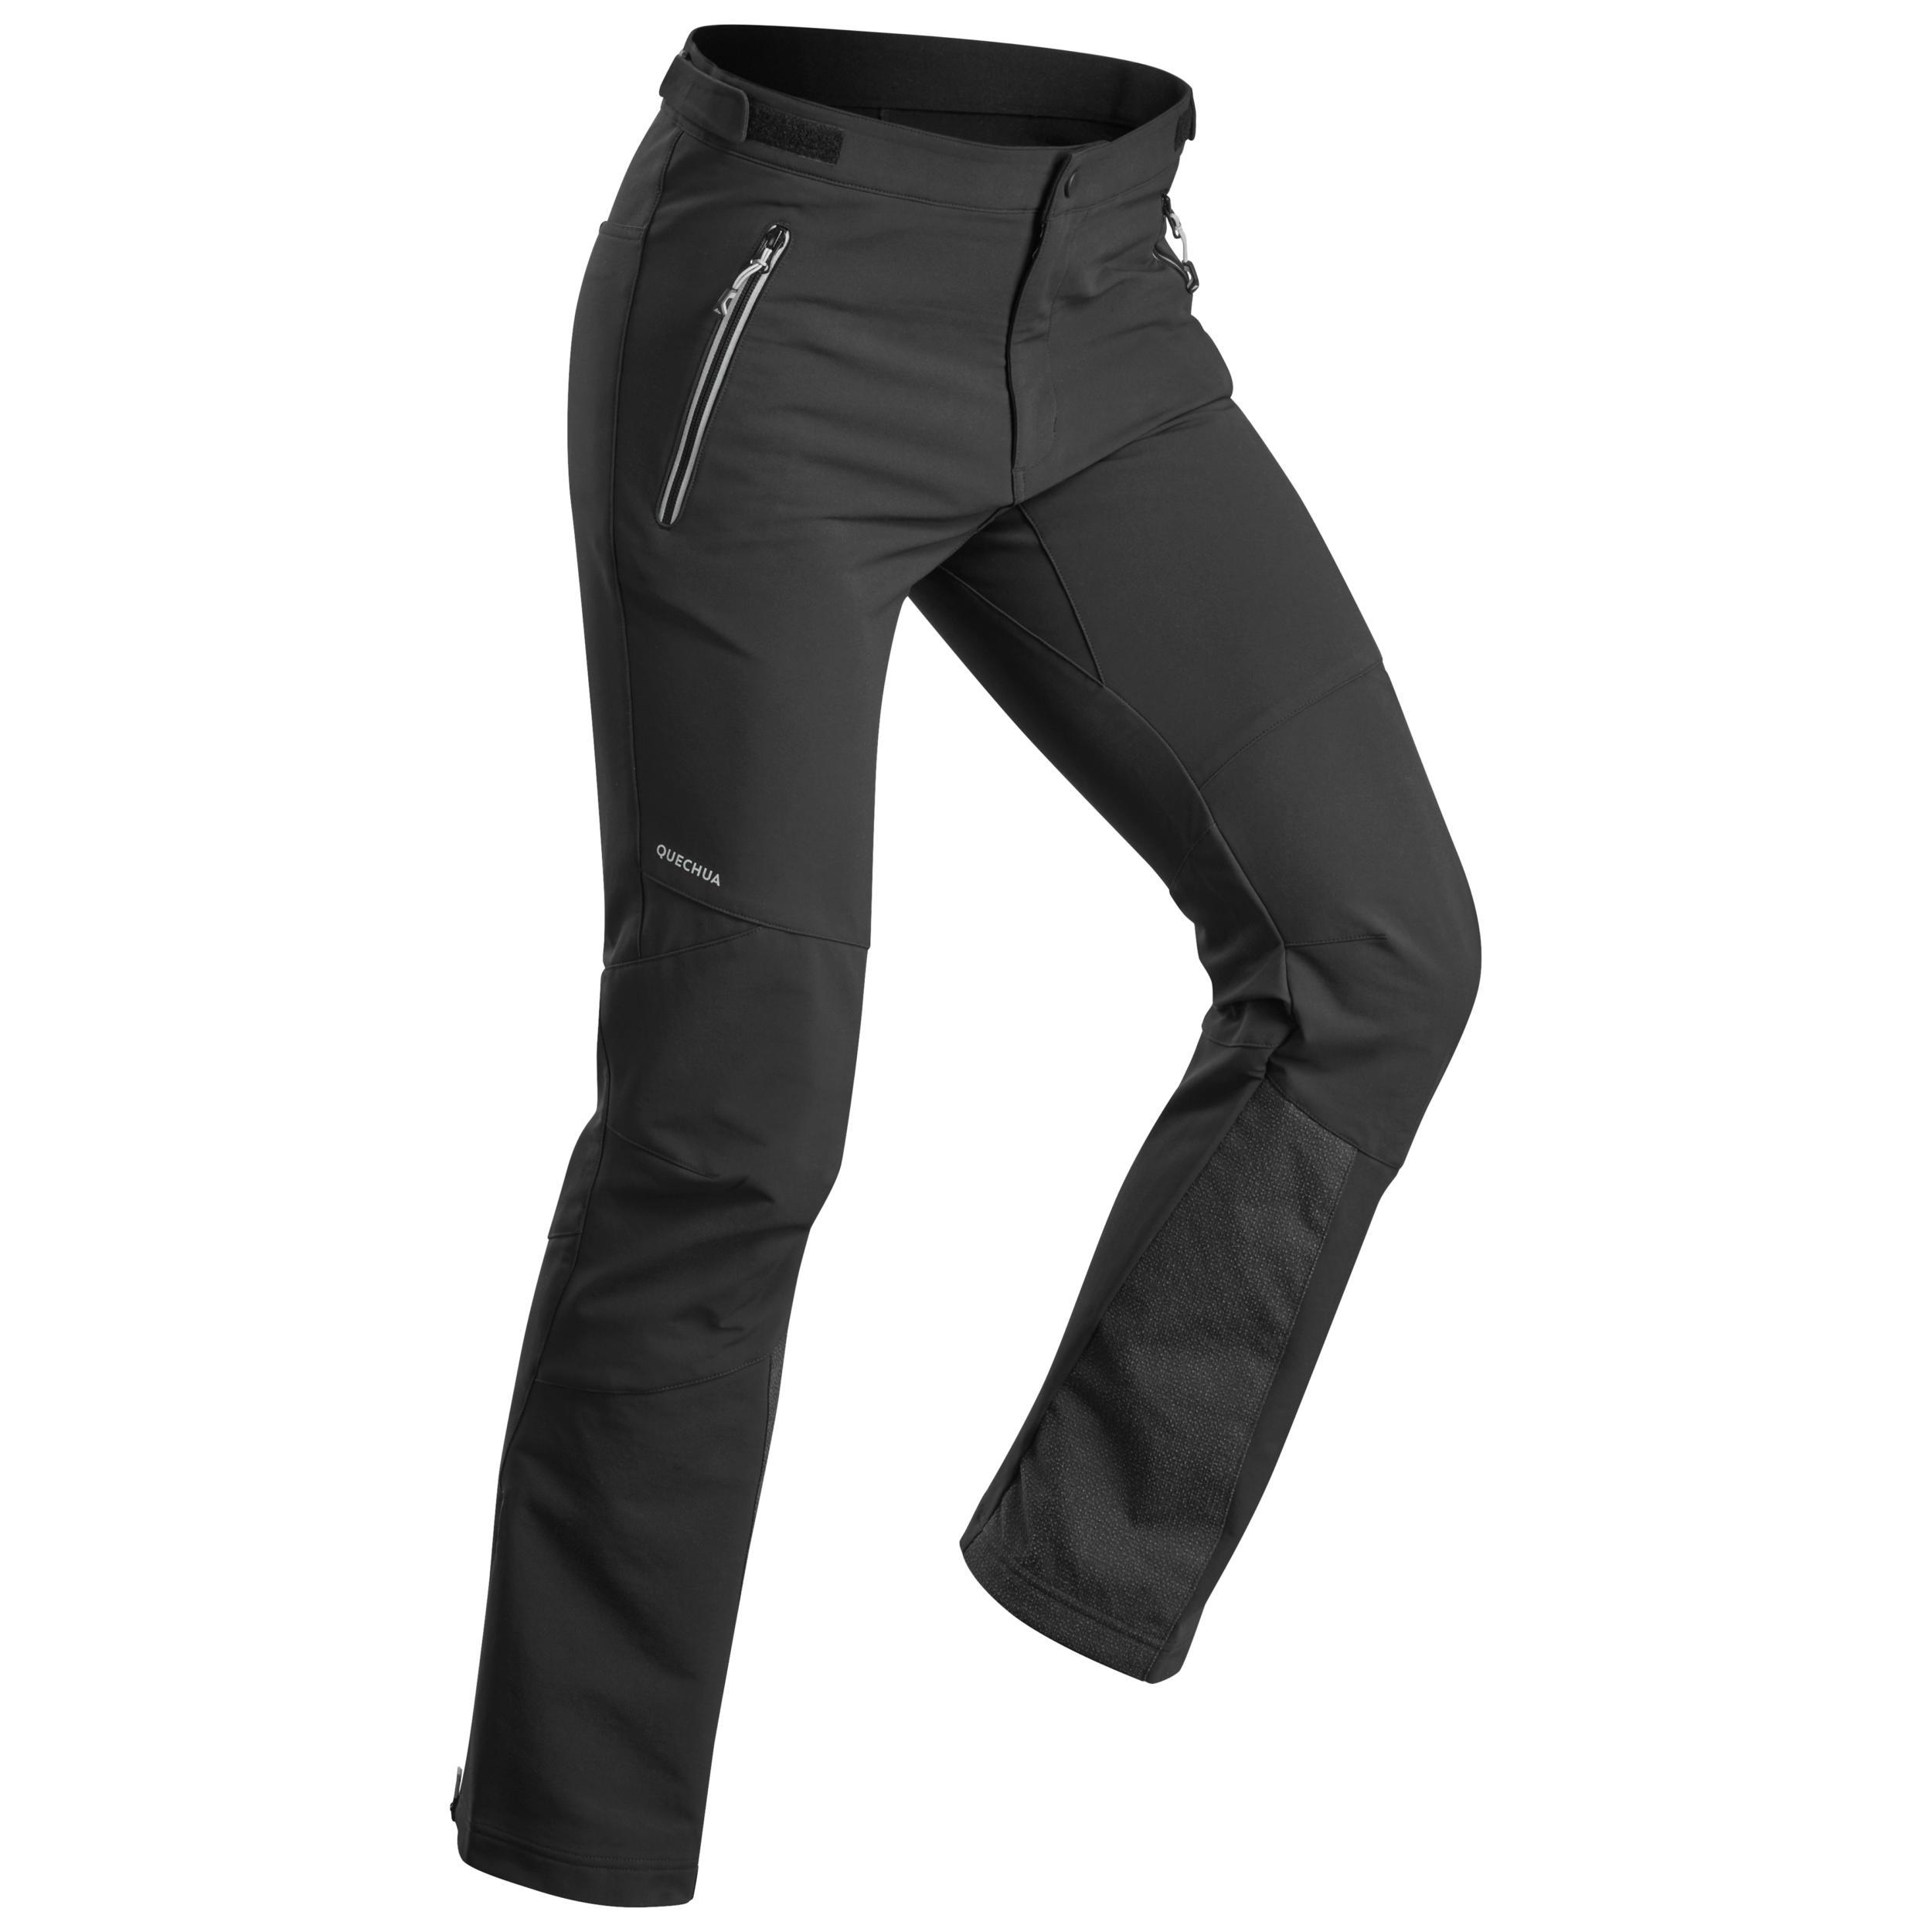 Pantalon SH900 Warm Bărbaţi